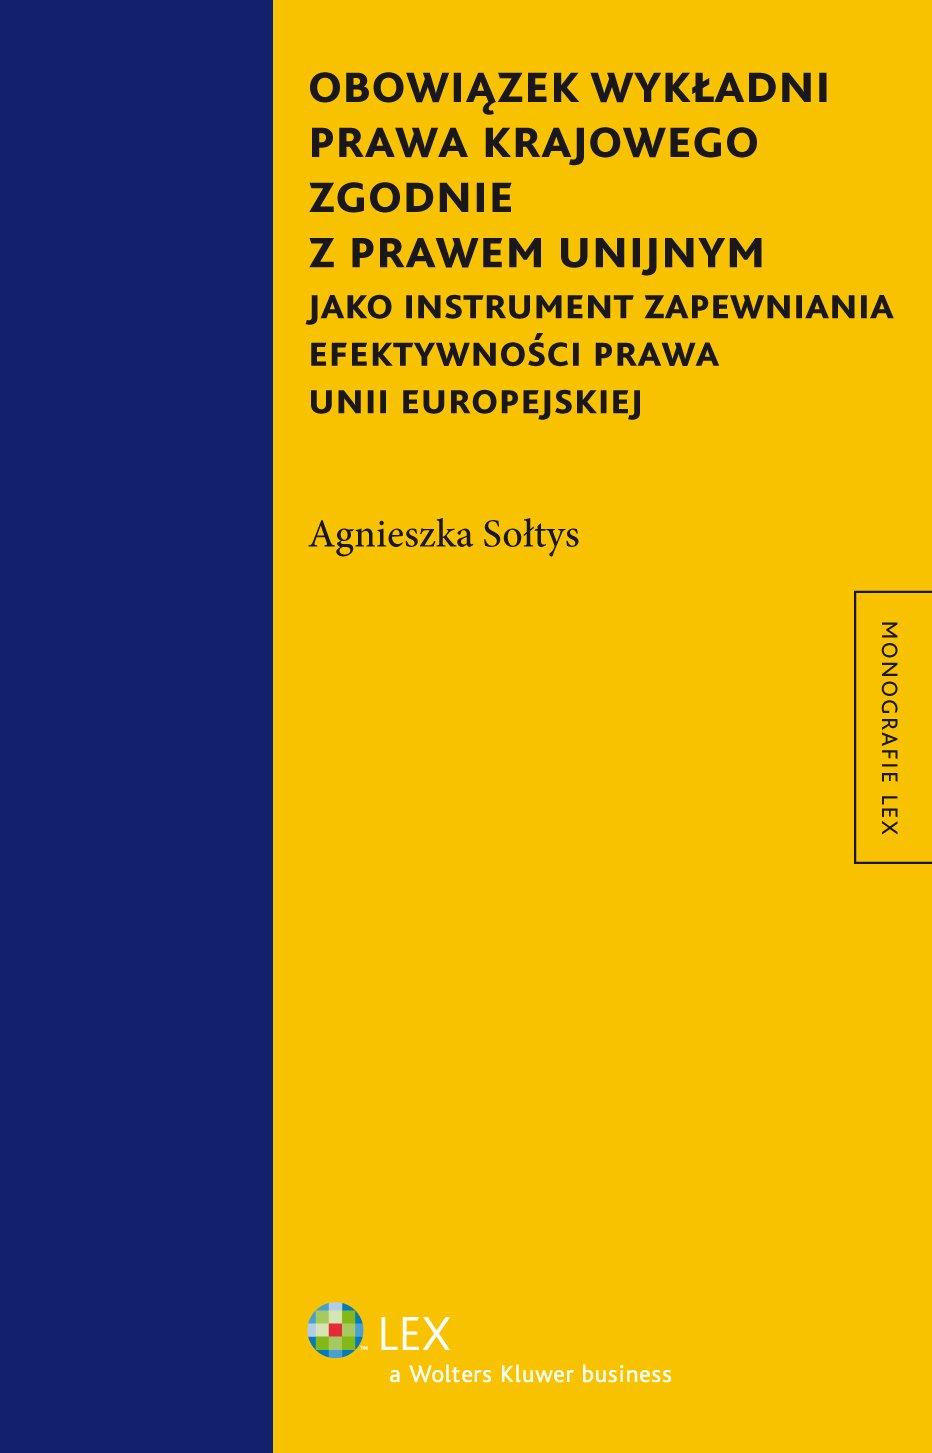 Obowiązek wykładni prawa krajowego zgodnie z prawem unijnym jako instrument zapewniania efektywności prawa Unii Europejskiej - Ebook (Książka PDF) do pobrania w formacie PDF